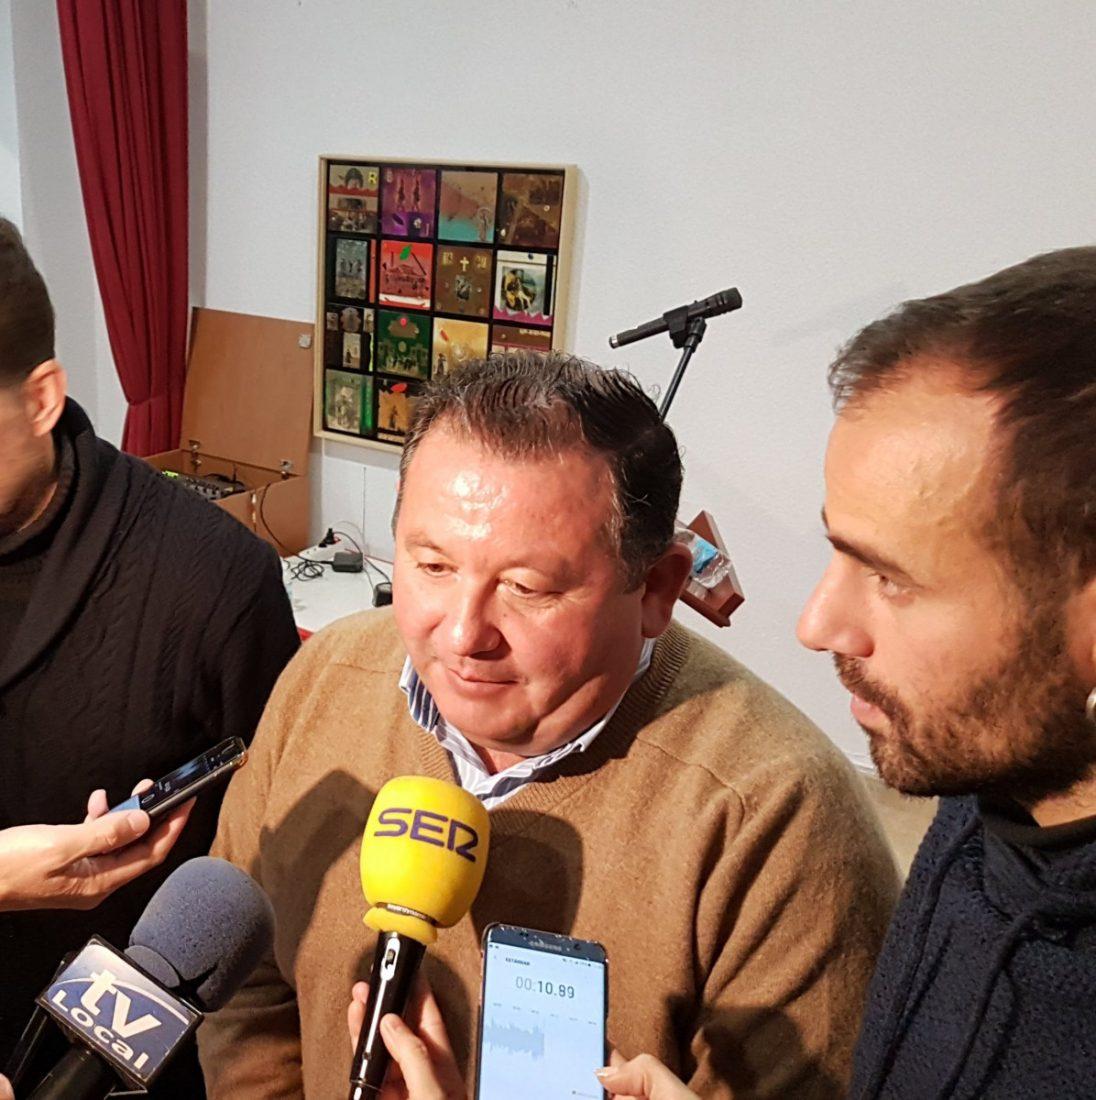 AionSur: Noticias de Sevilla, sus Comarcas y Andalucía alcalde-LaRoda IU de La Roda desmiente que el alcalde cobre 3.500 euros al mes La Roda de Andalucía Política